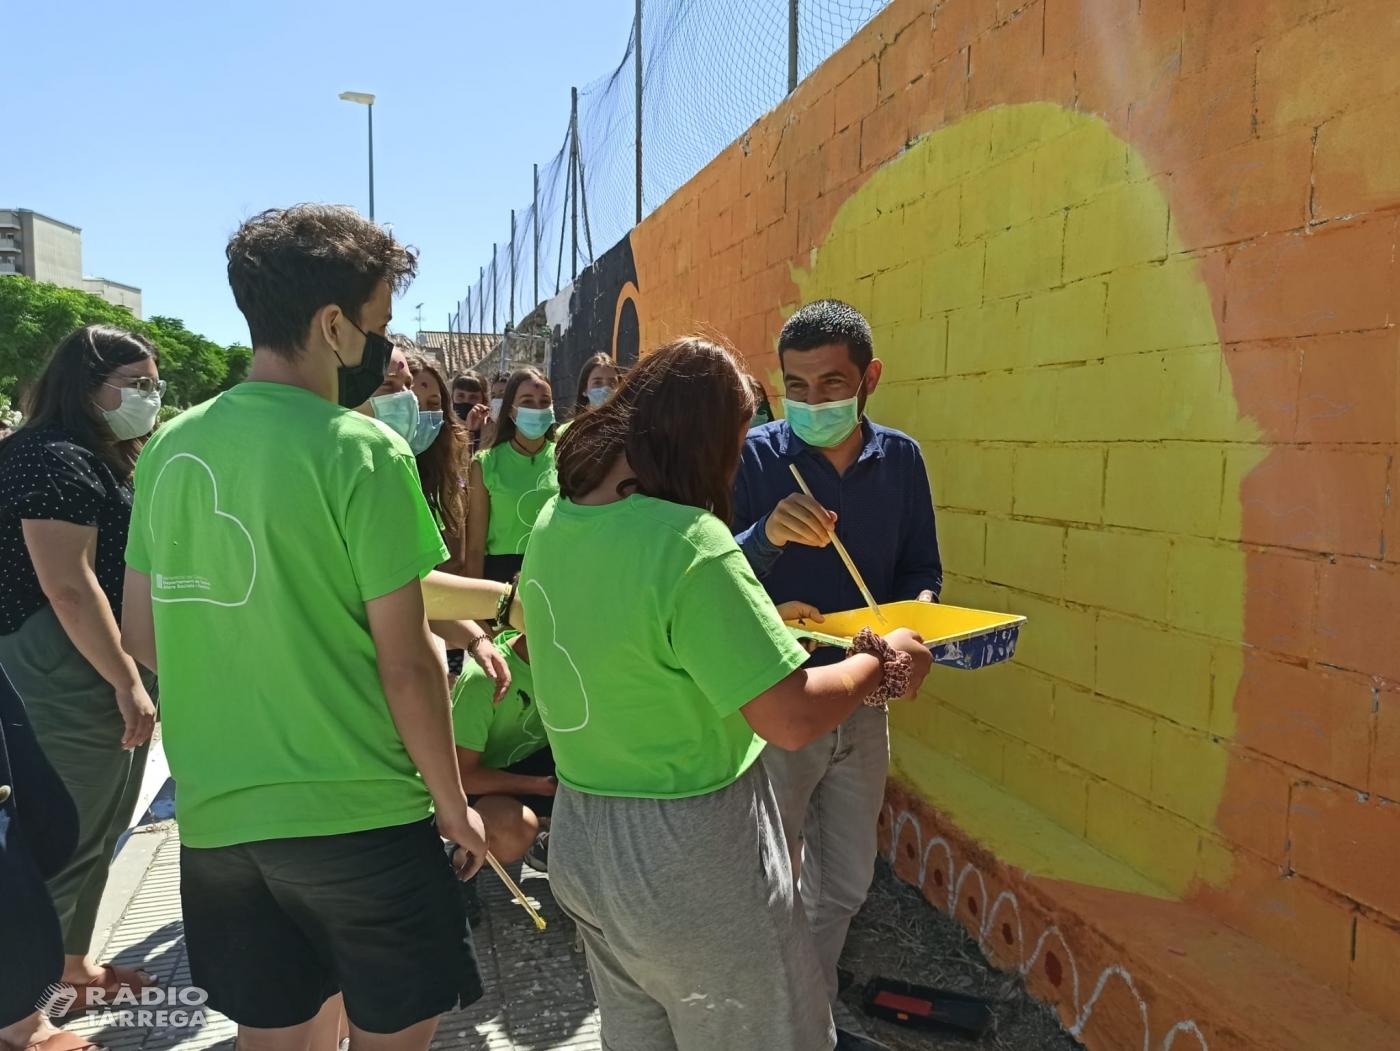 El conseller Chakir el Homrani visita el camp de treball 'Graffitis inclusius' a Cervera gestionat per la cooperativa Lleure Quàlia del Grup Alba